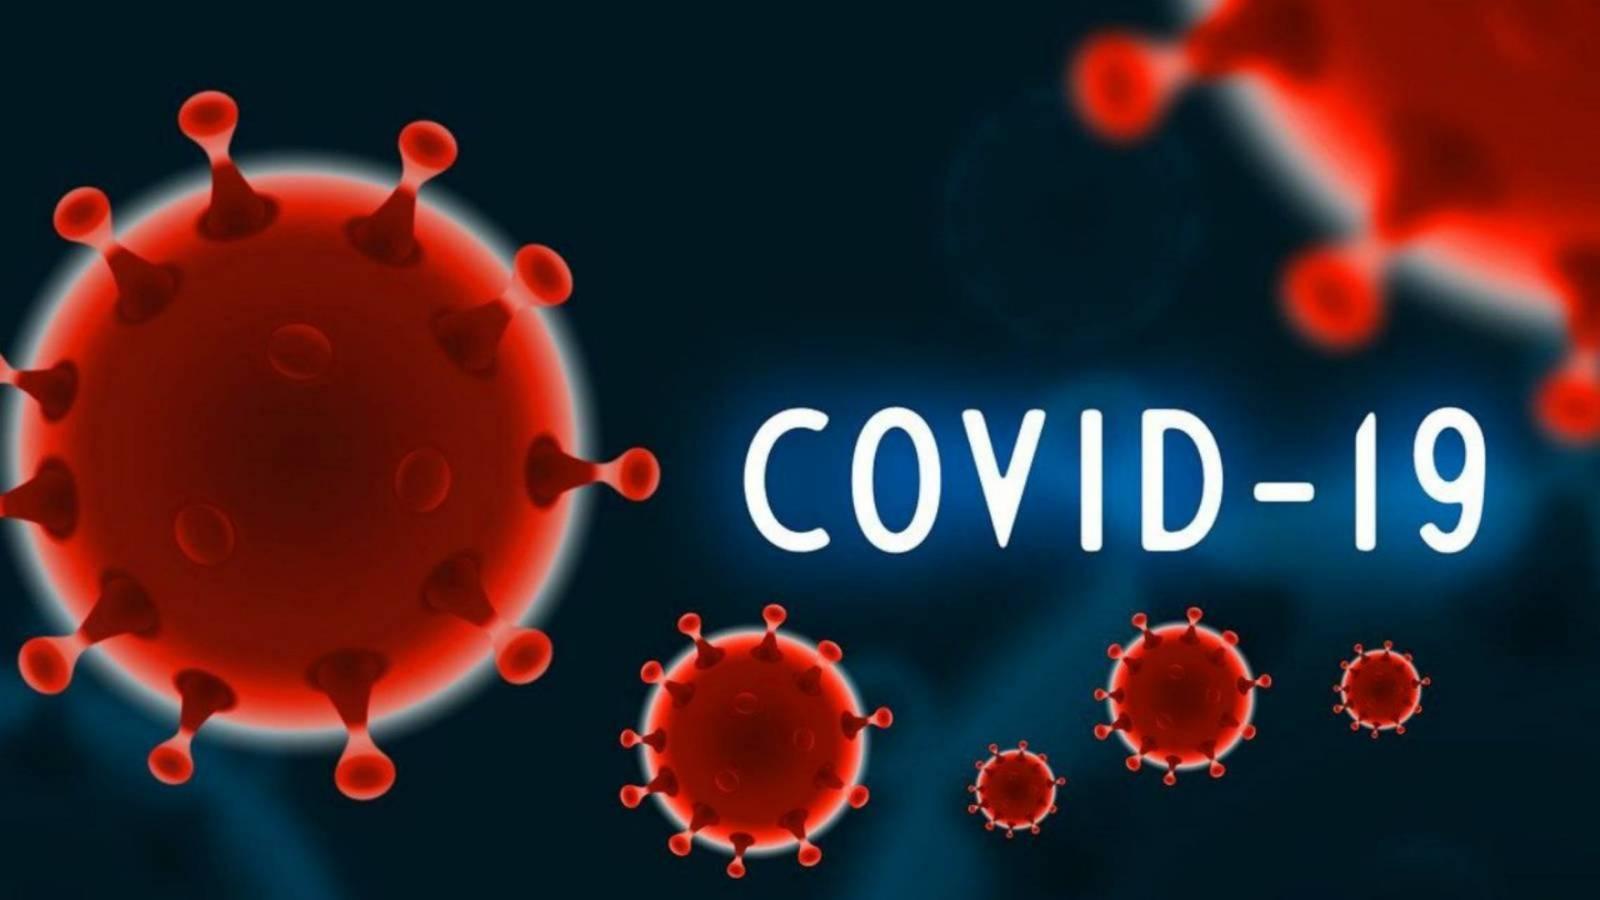 COVID-19 Romania RECORD Pacienti Terapie Intensiva 1 Decembrie